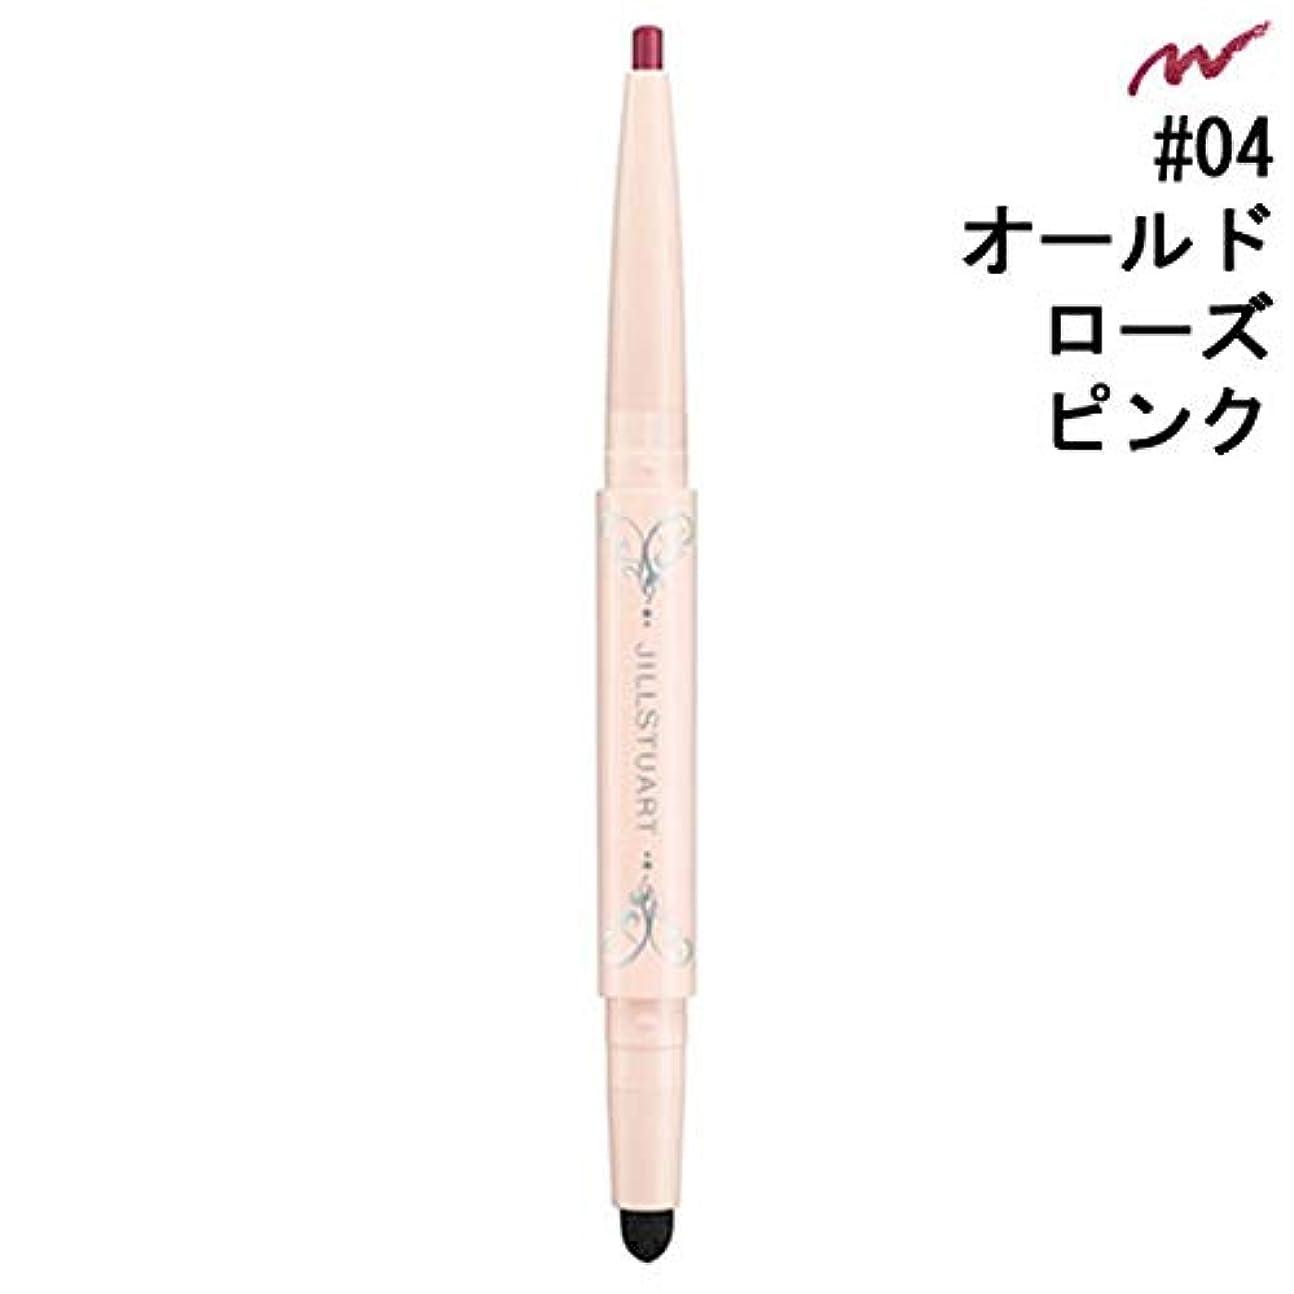 として綺麗な菊【ジルスチュアート】リップコントゥア&ブラー ライナー #04 オールドローズピンク 0.1g